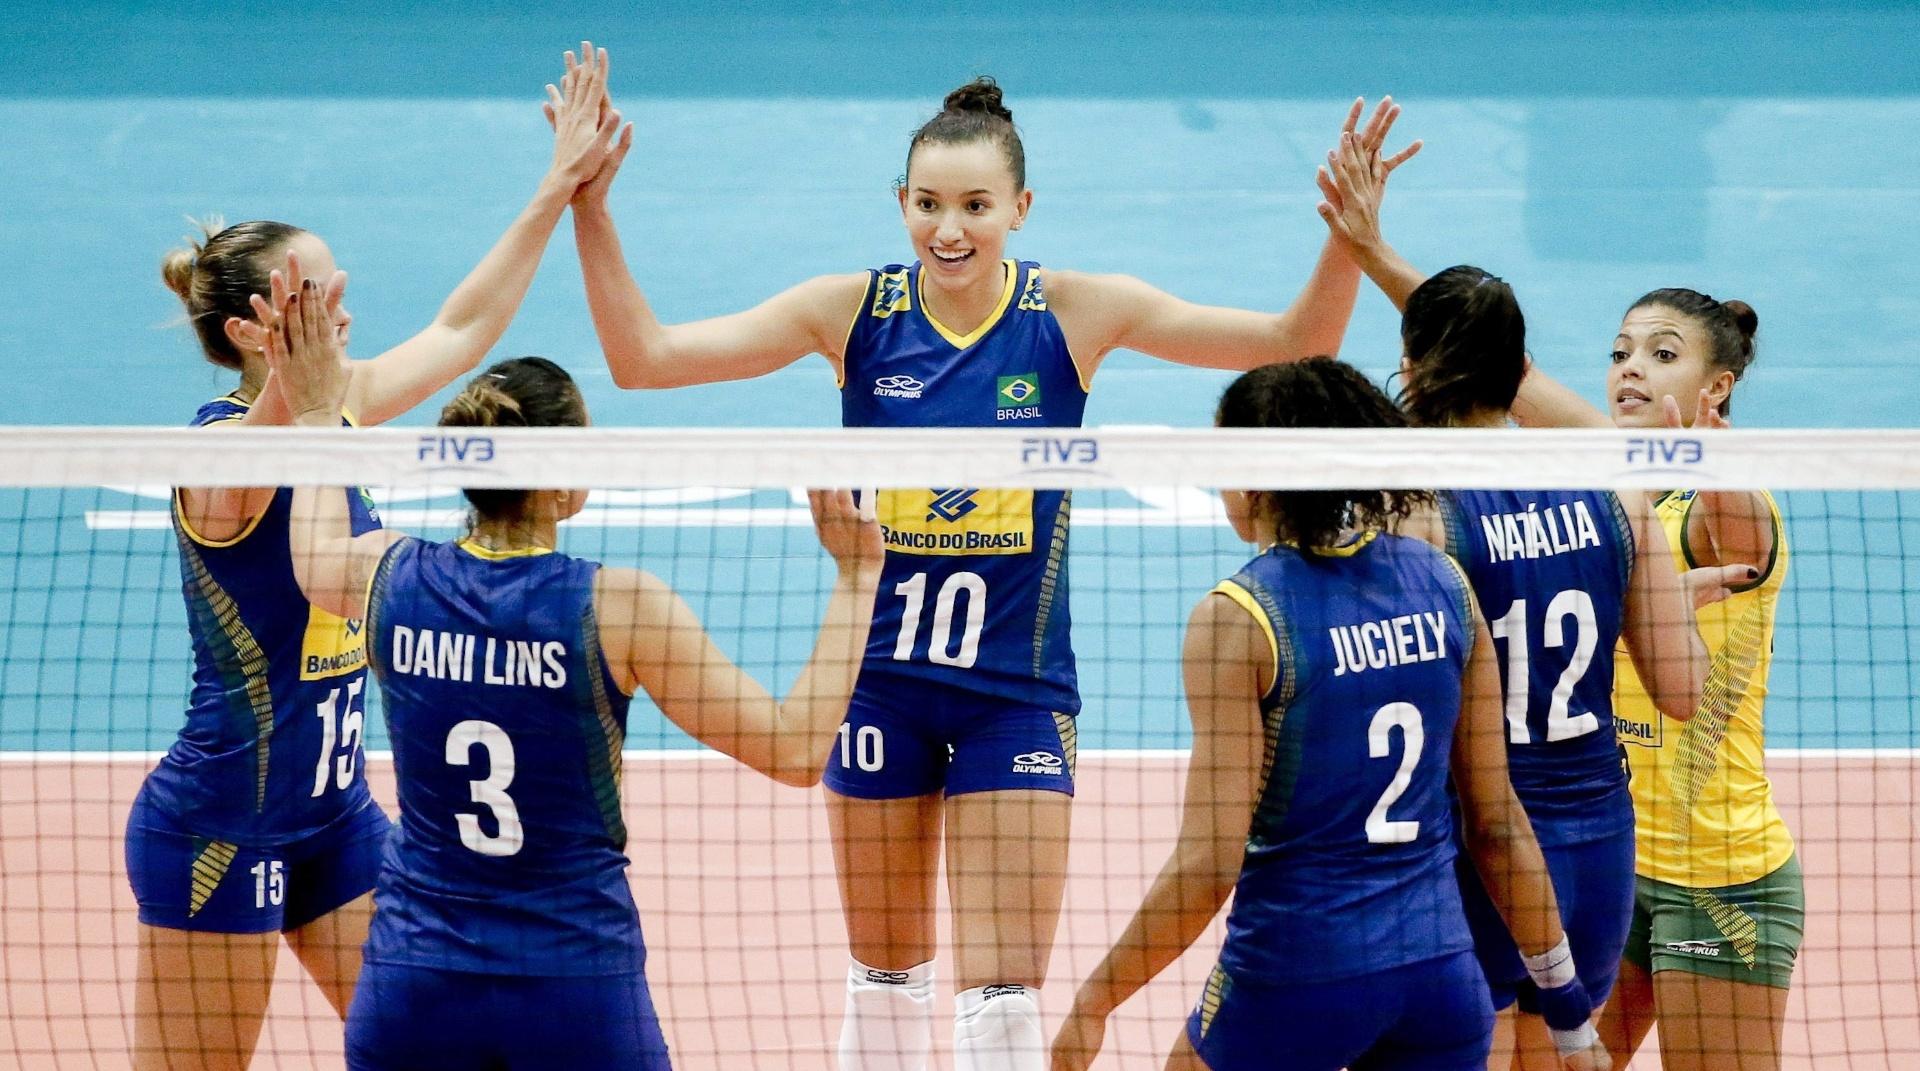 Jogadoras da seleção brasileira feminina de vôlei comemoram ponto diante da Sérvia em jogo pelo Grand Prix 2015 na cidade de Bangcoc (Tailândia)